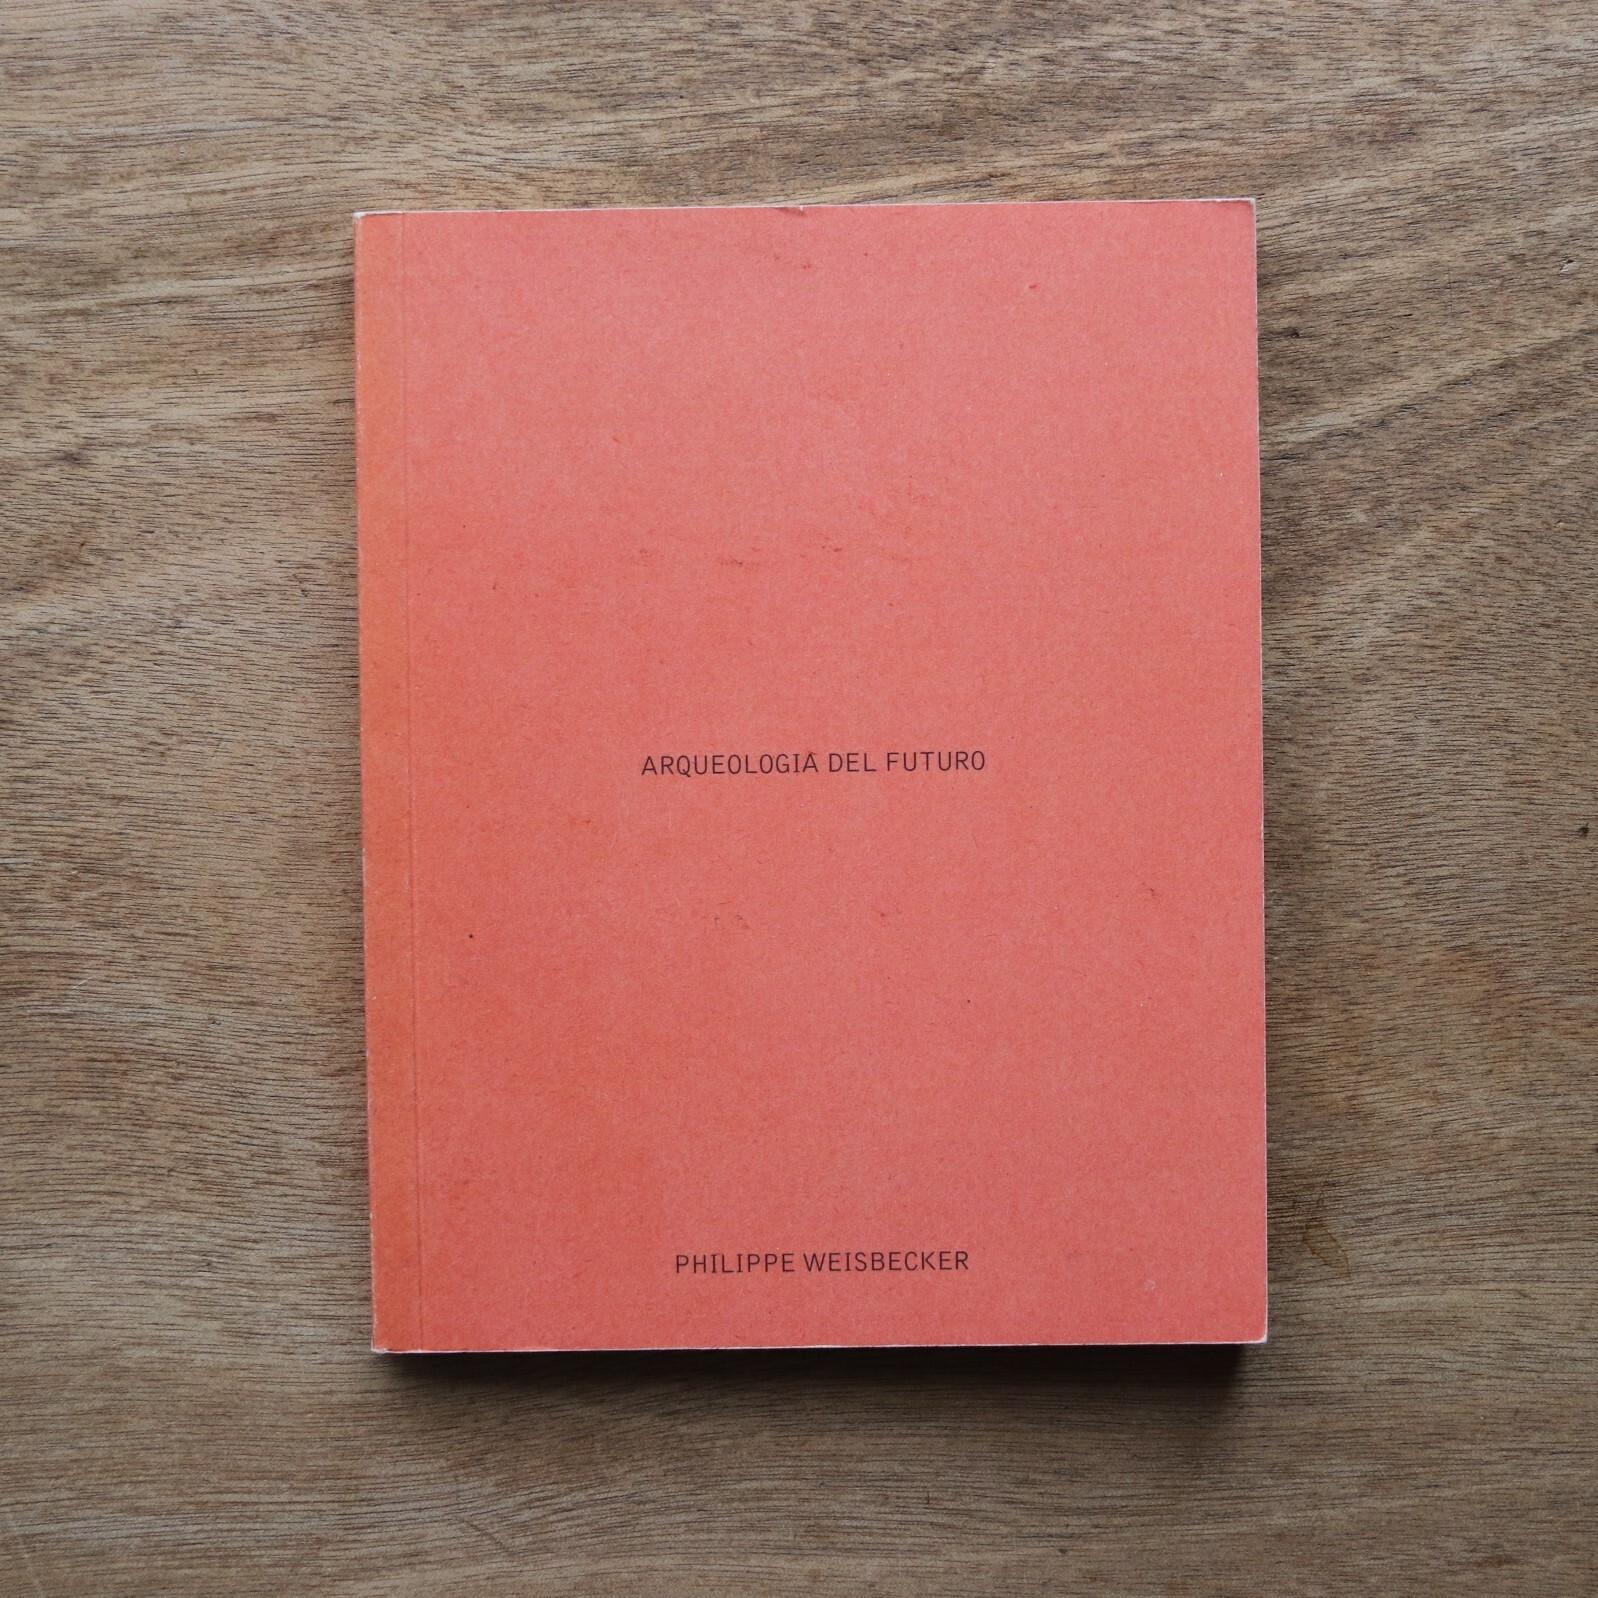 ARQUEOLOGIA DEL FUTURO / Philippe Weisbecker